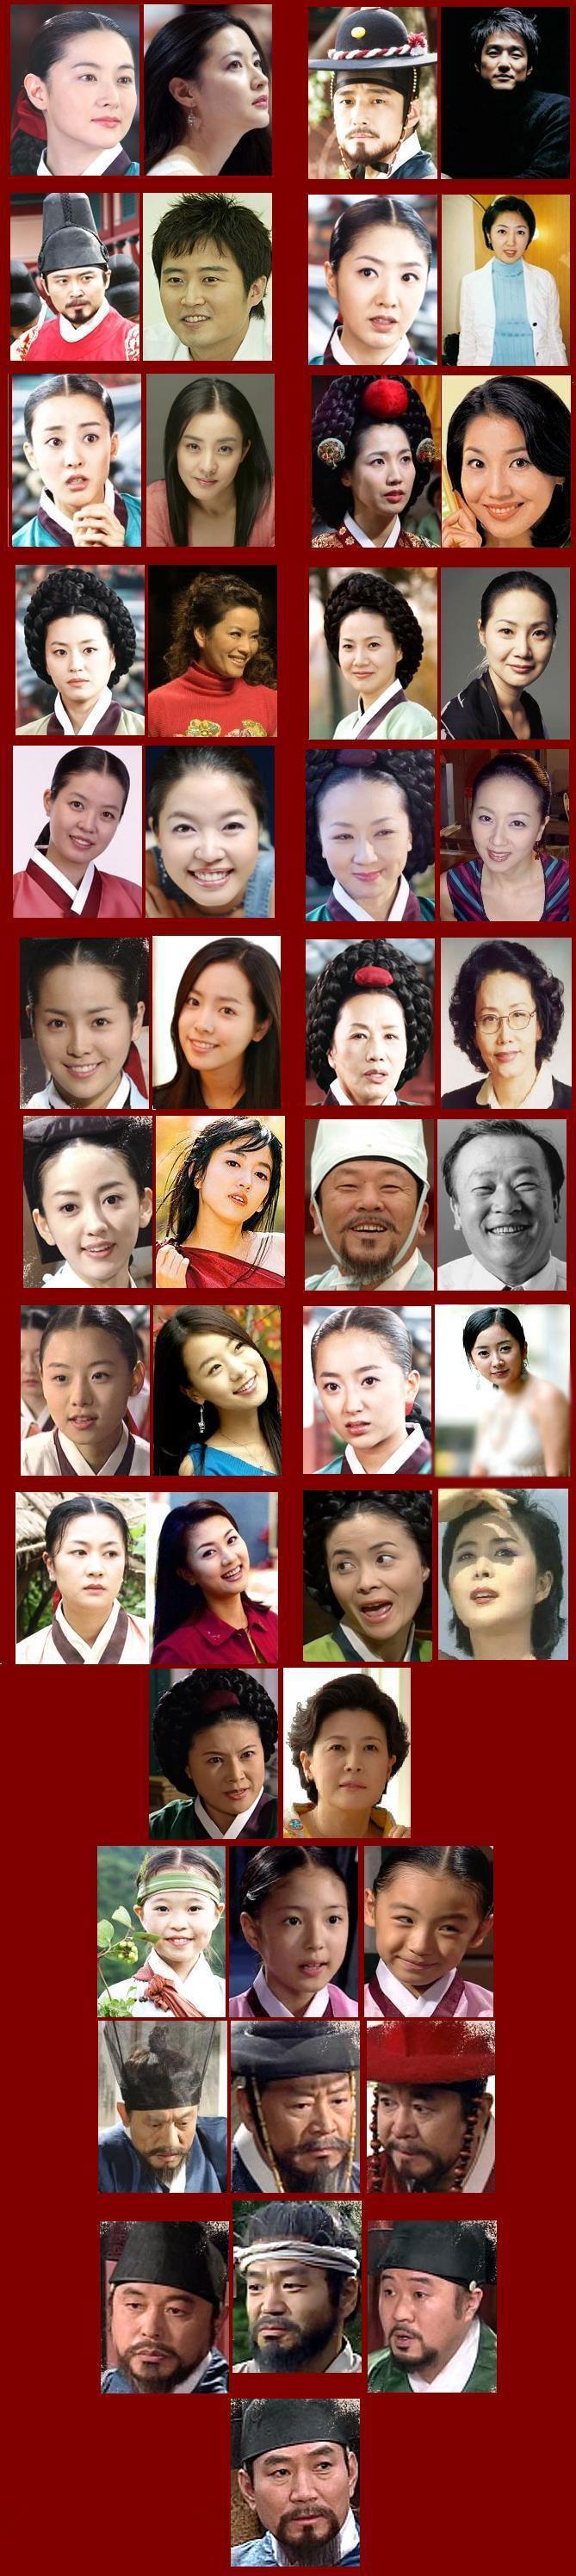 بازیگران جواهری در قصر در یک عکس